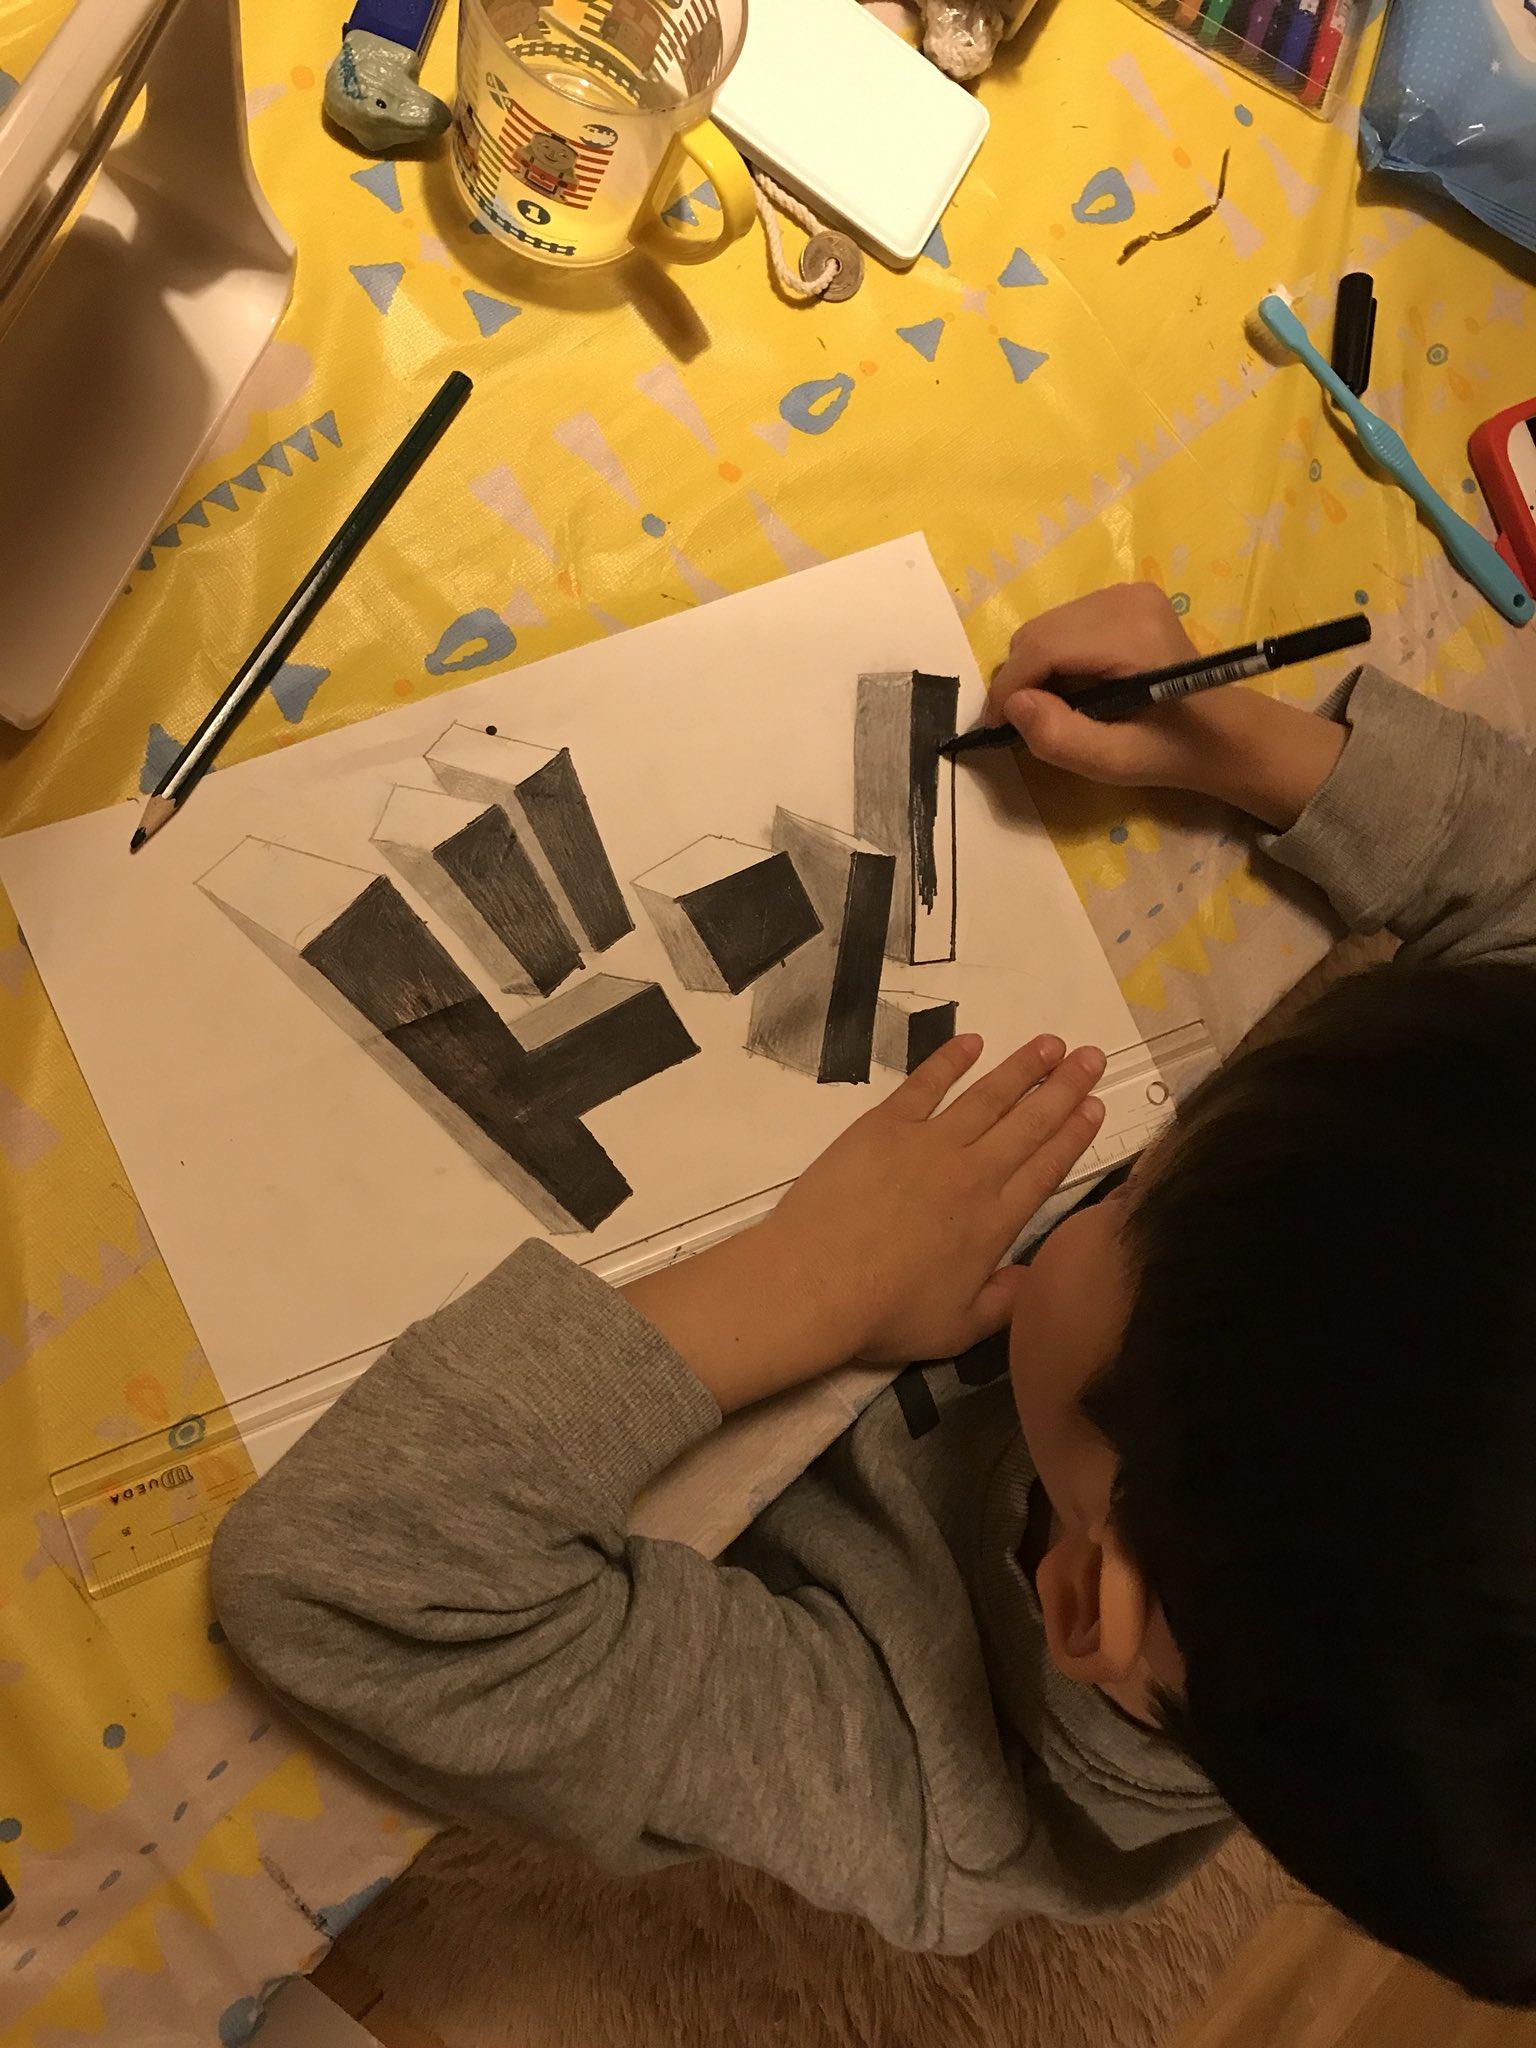 1人でサクサクとトリックアート作って、、きみ6歳だよね?人生何周目なの?